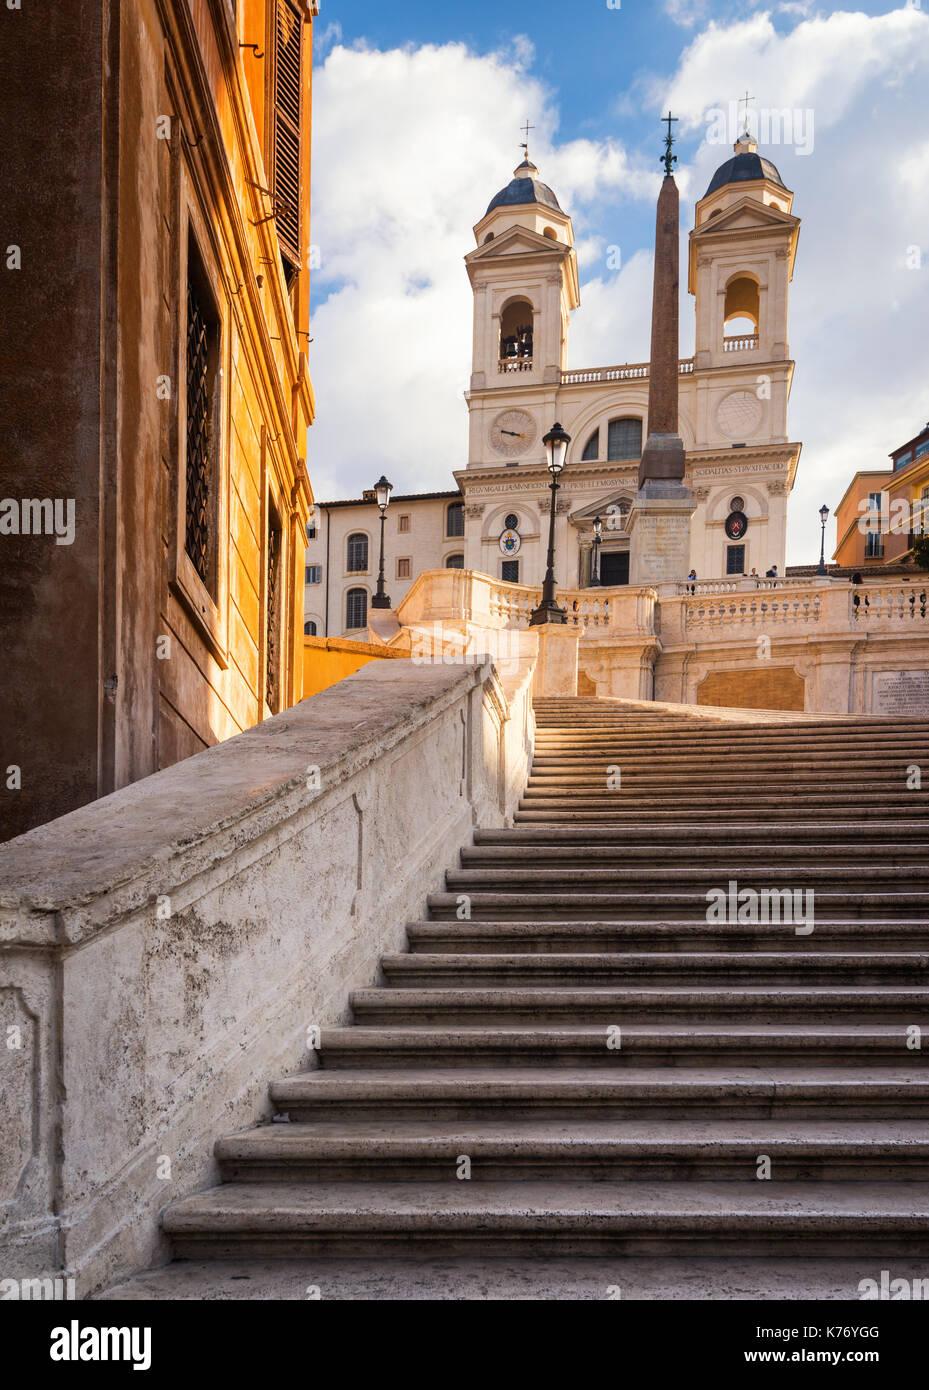 Die rechte Seite der berühmten Spanischen Treppe in Rom, der Hauptstadt Italiens und der ewigen Stadt. Stockbild